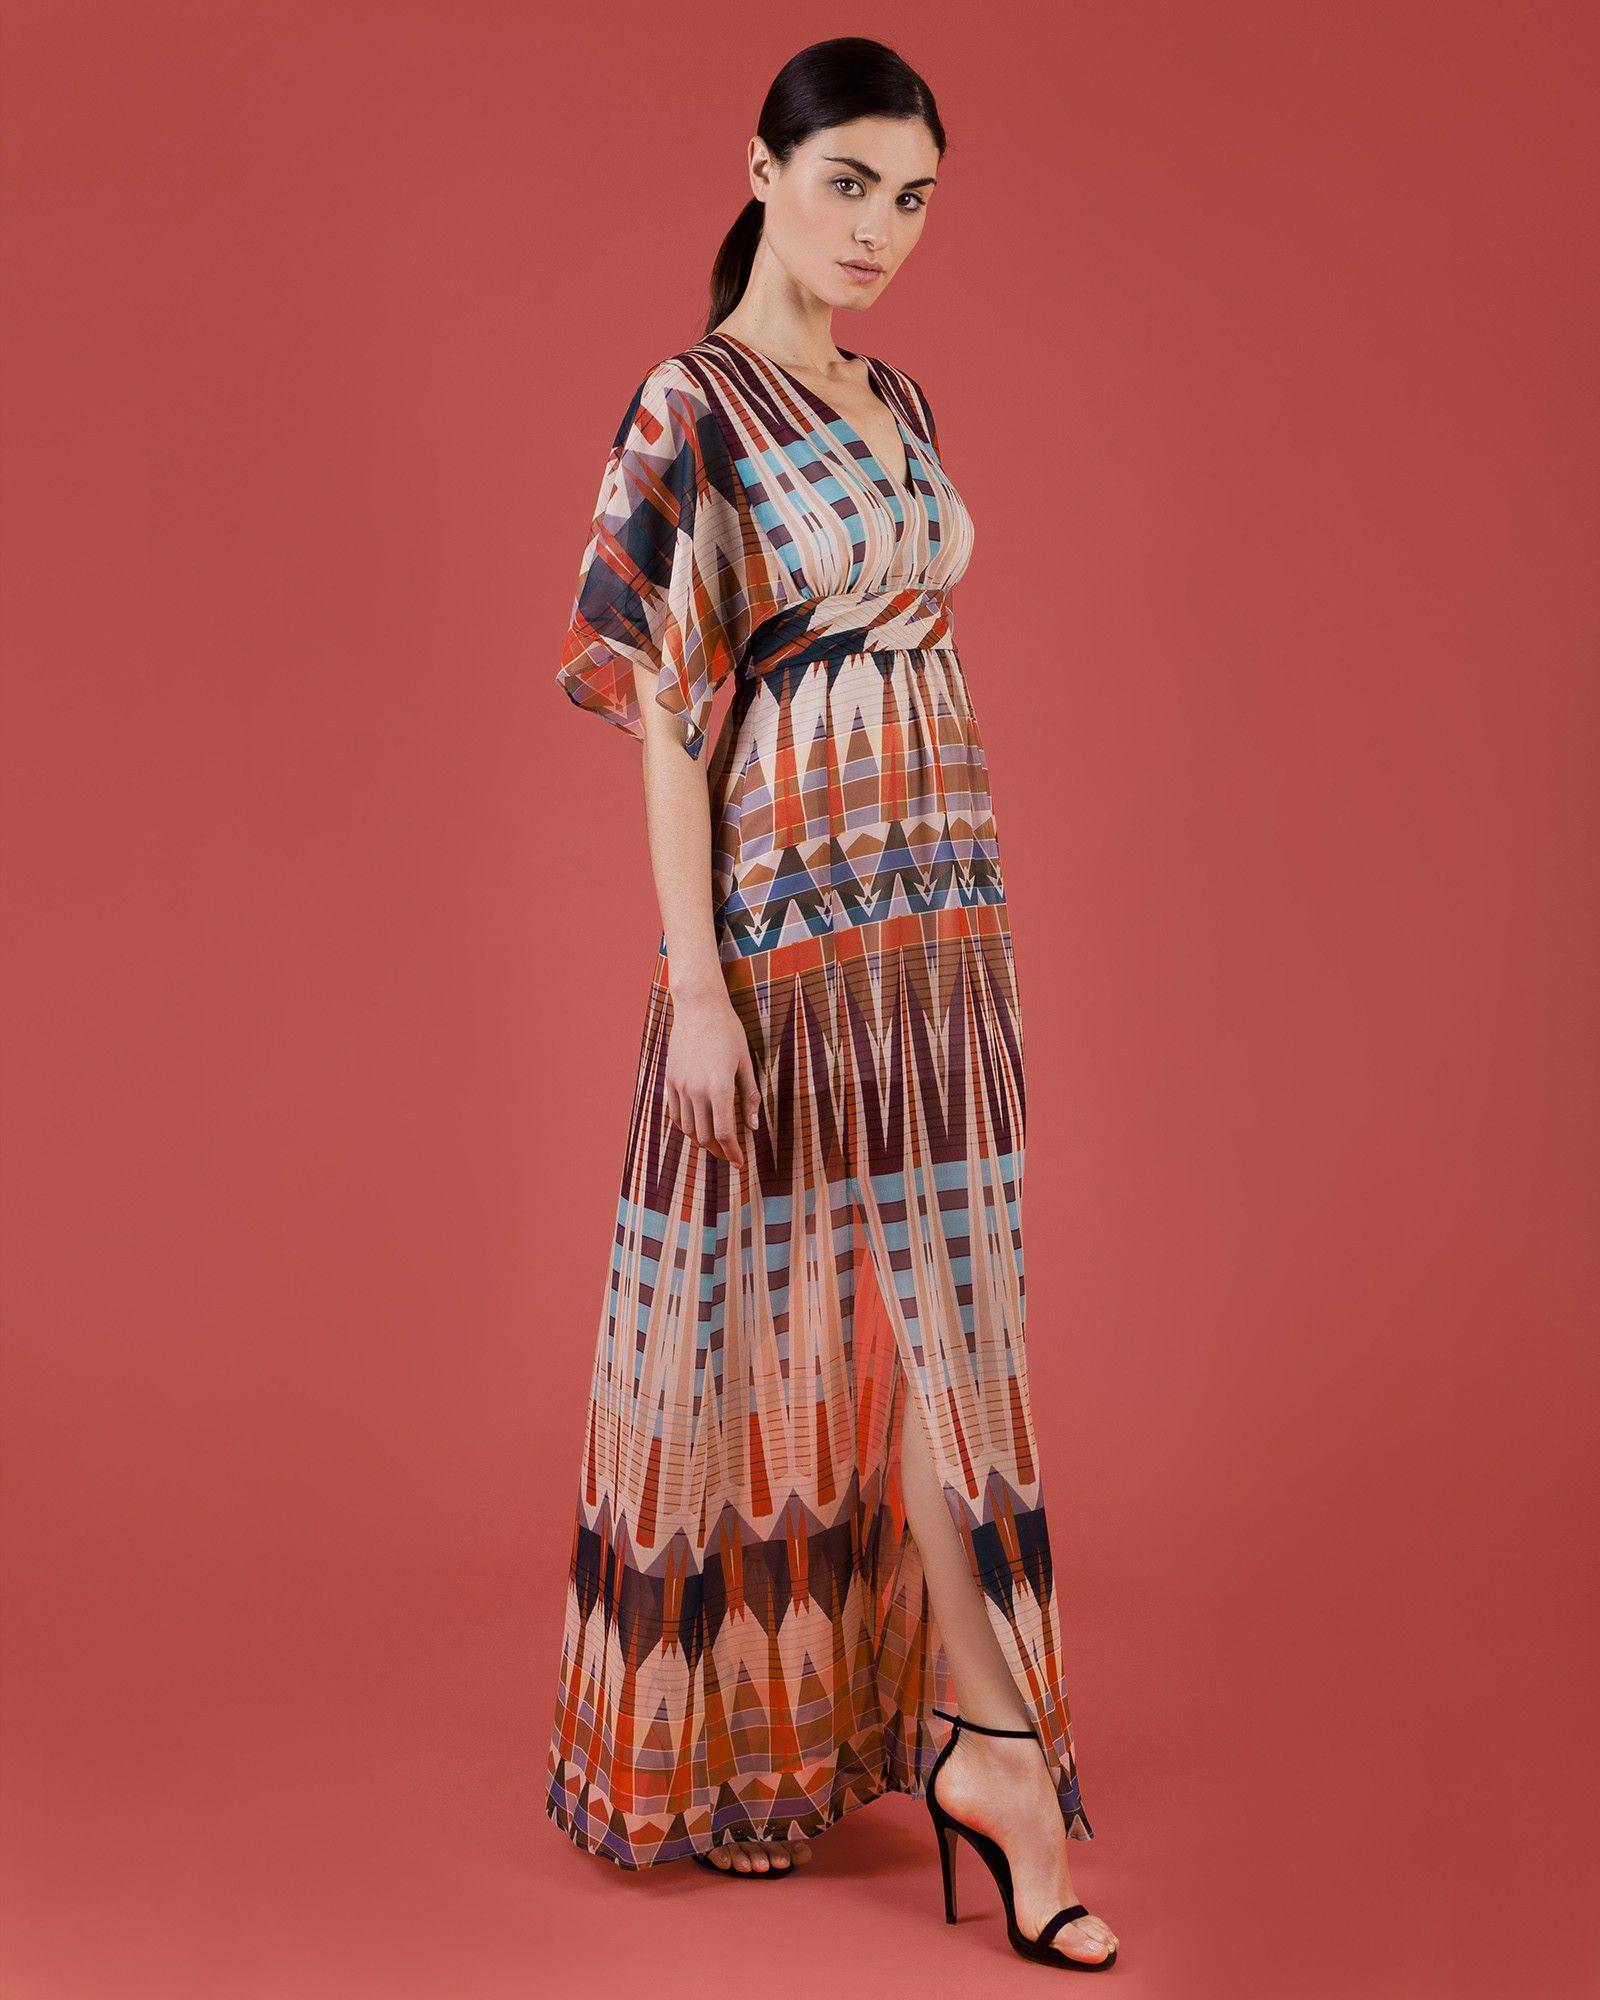 Increíble Vestidos De Fiesta Cue Friso - Colección de Vestidos de ...